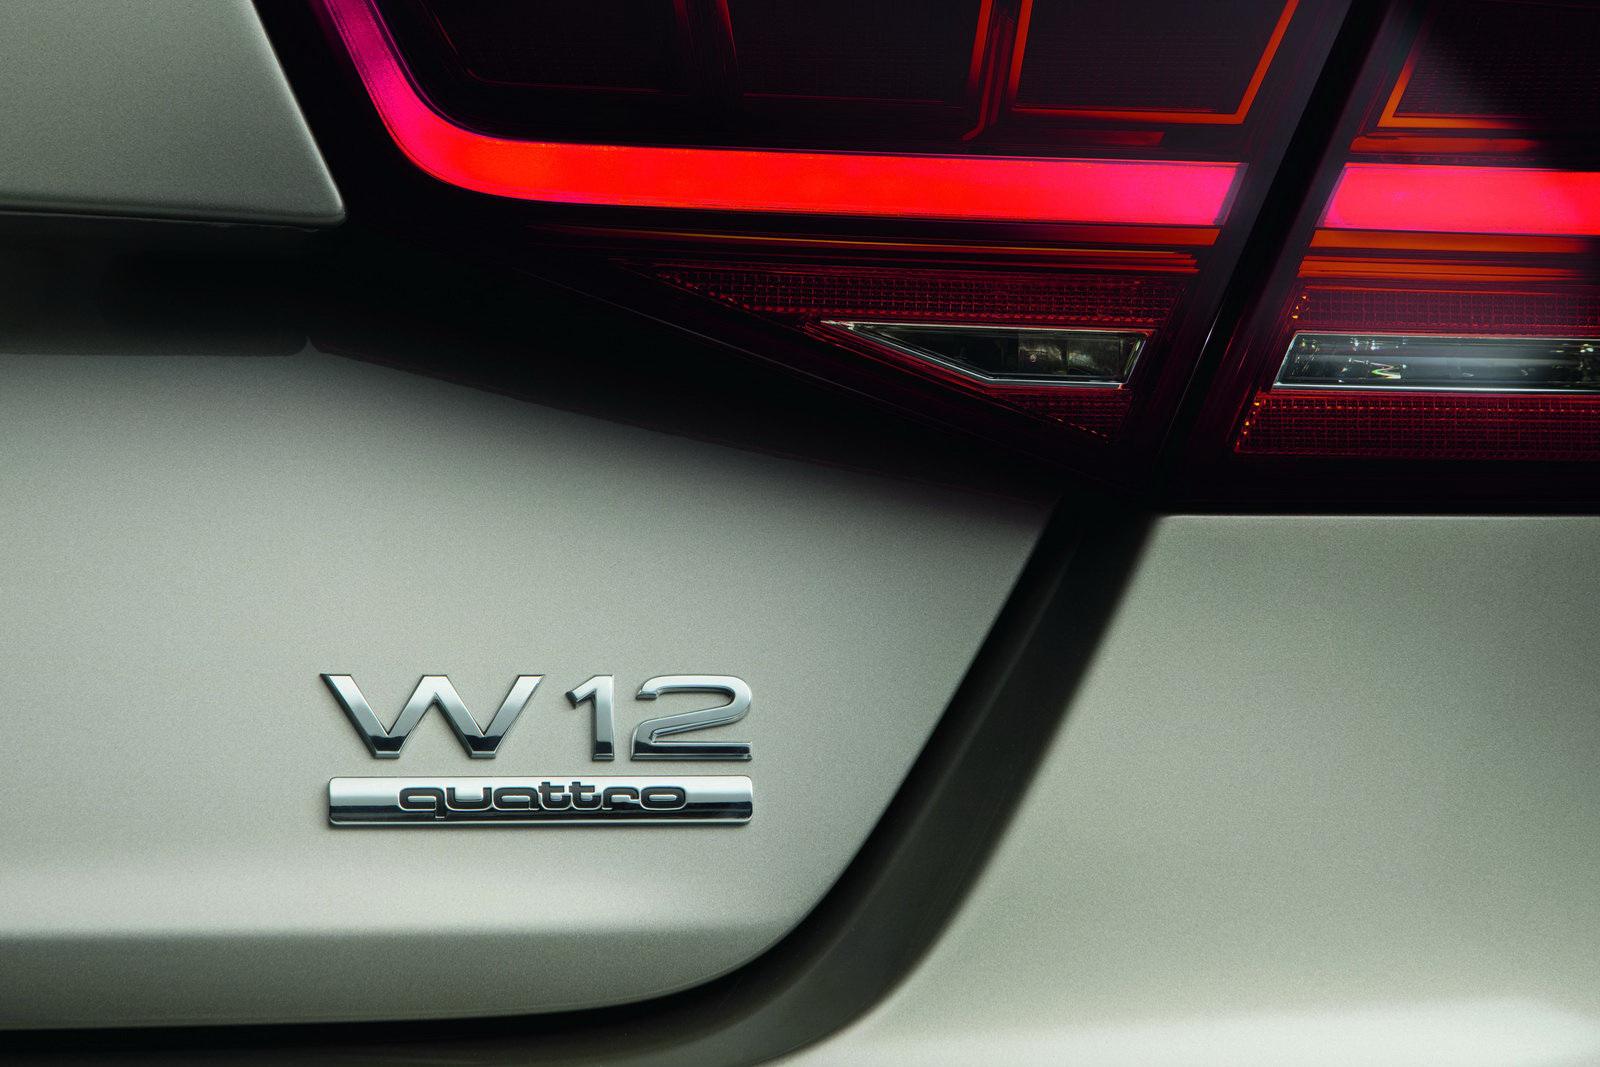 Audi a8 l 6 0 w12 quattro 2004 picture 3 of 5 rear angle image - Audi A8 L 6 0 W12 Quattro 2004 Picture 3 Of 5 Rear Angle Image 53